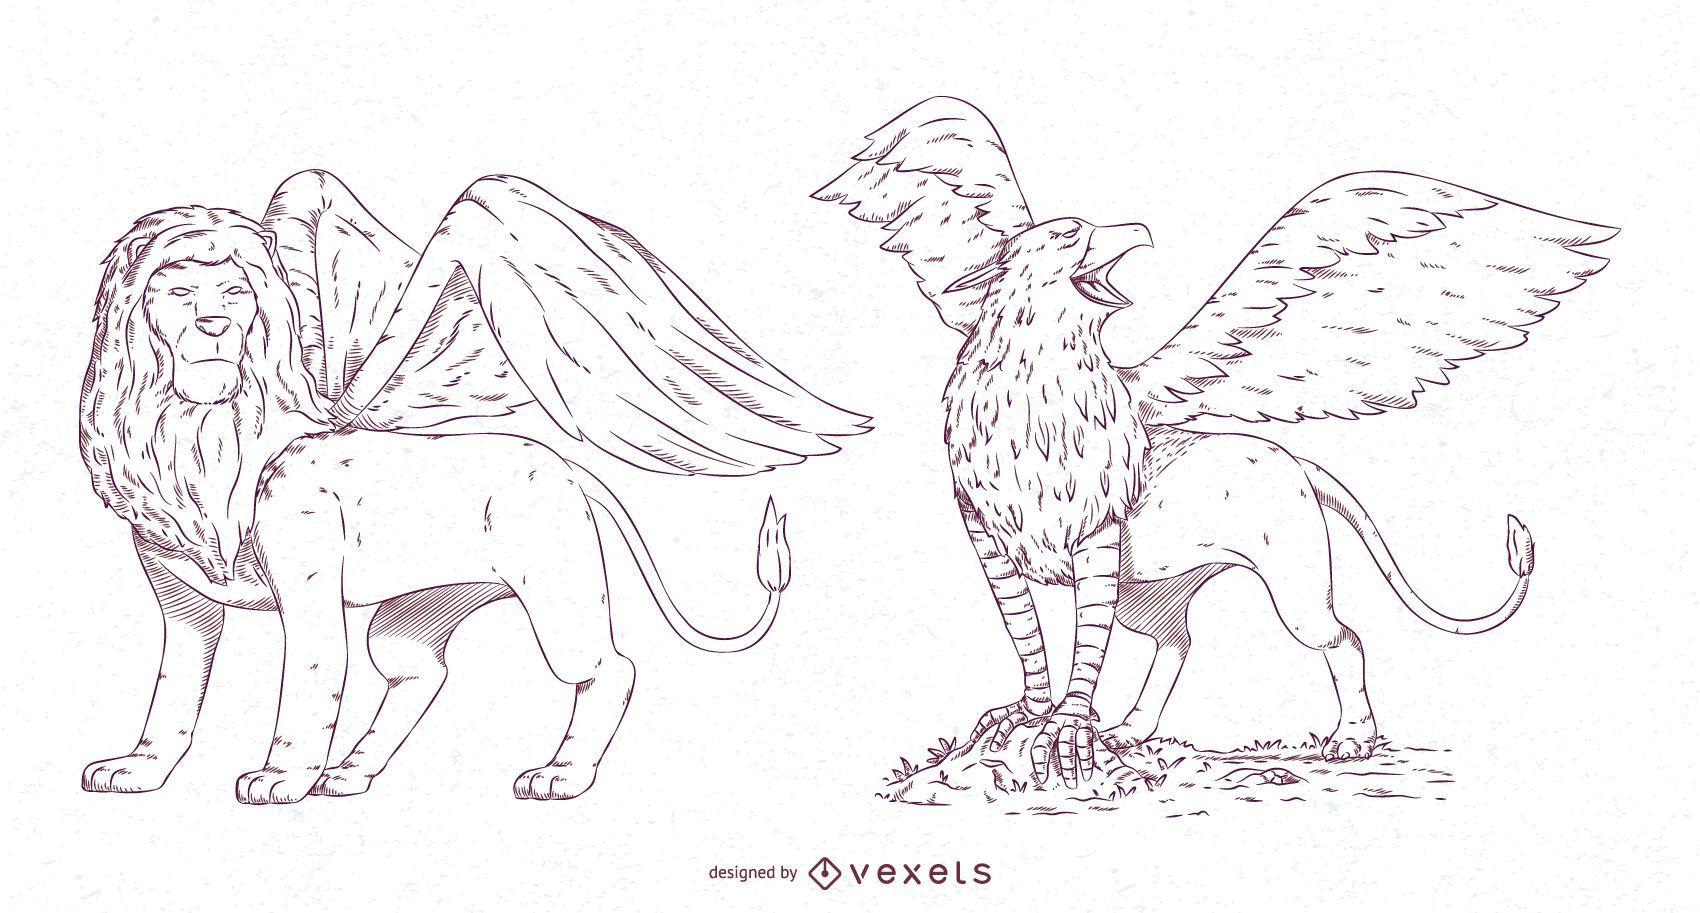 Paquete de diseño de trazos de criaturas míticas n. ° 1